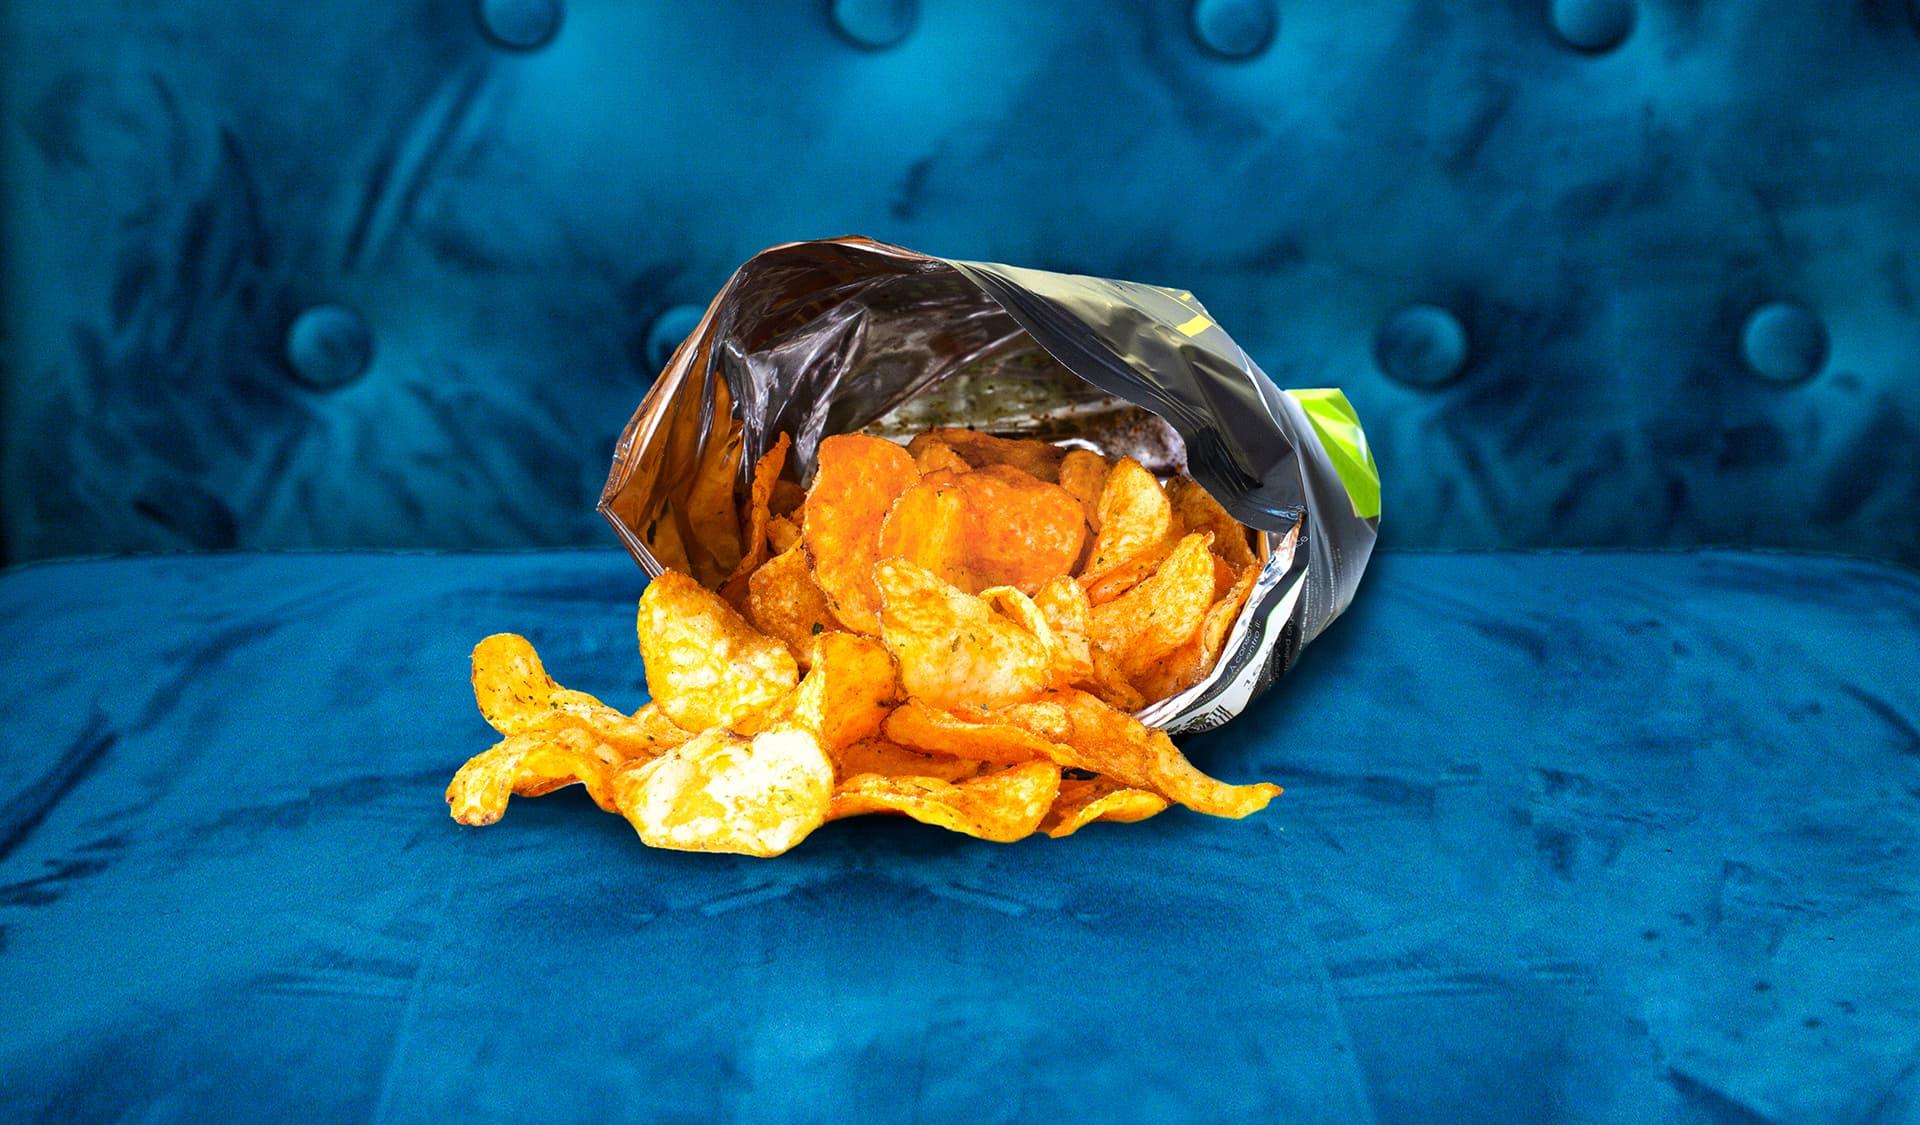 Chips auf blauem Sofa